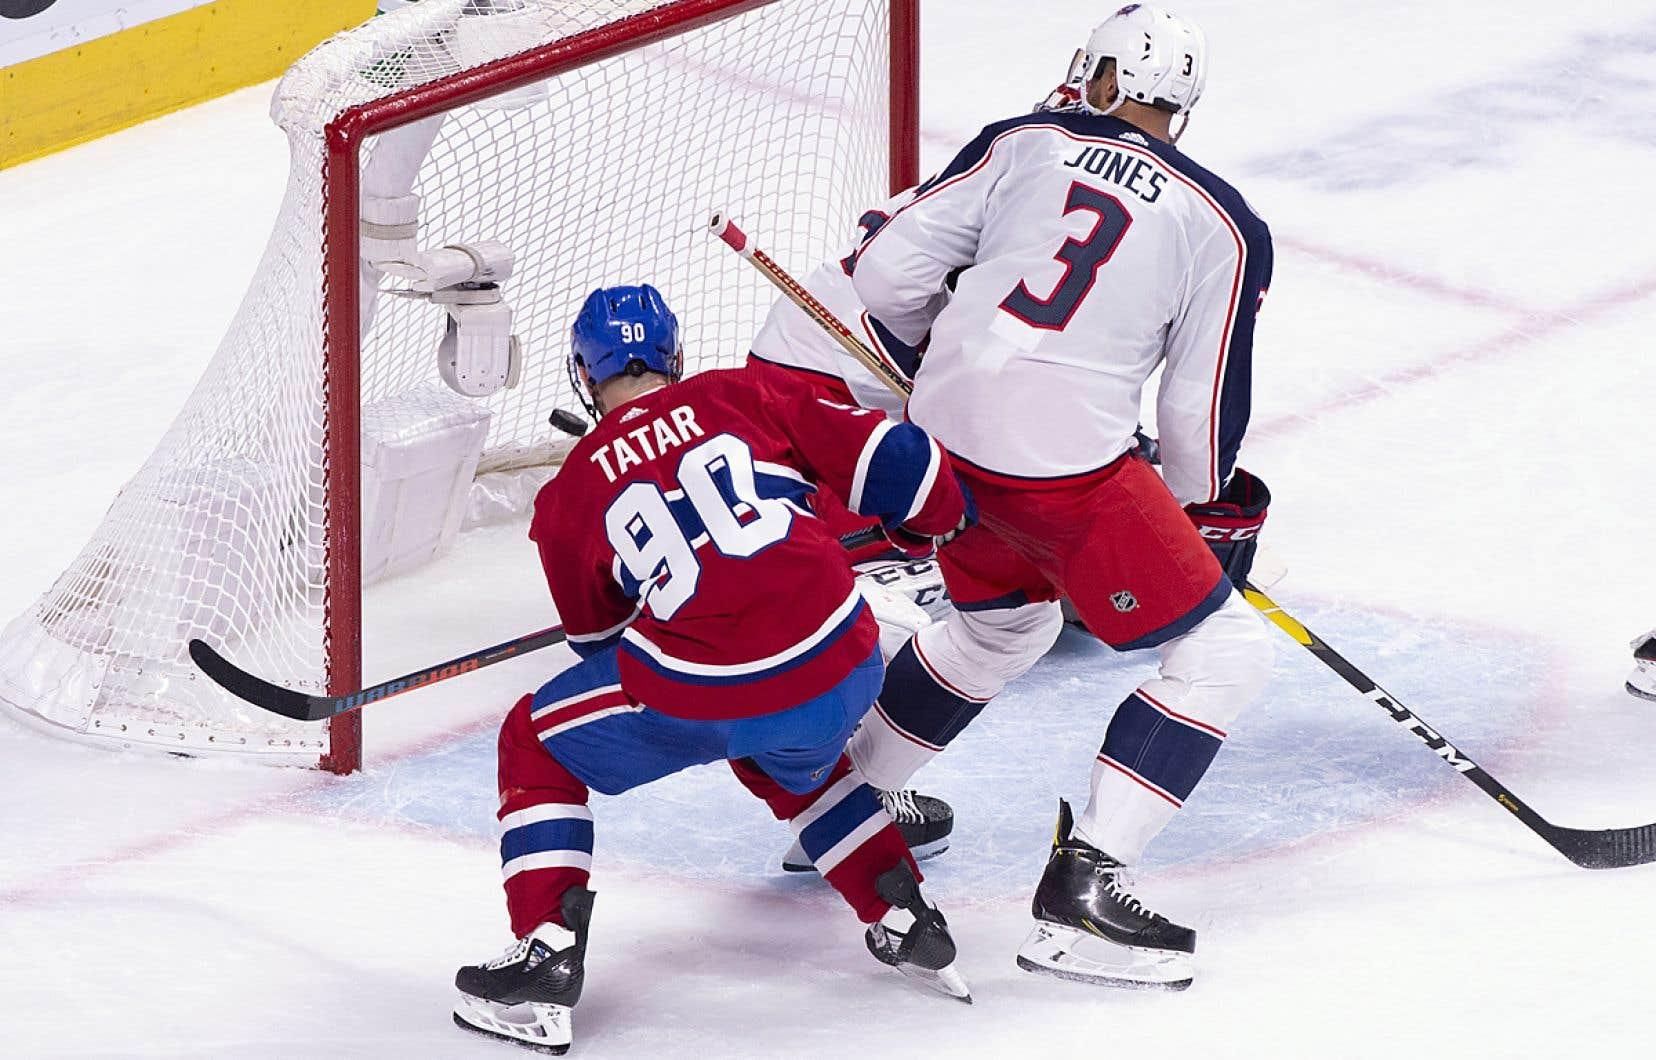 Tomas Tatar du Canadien marque un but en déjouant le gardien Sergei Bobrovsky et le défenseur Seth Jones des Blue Jackets lors d'un match à Montréal, en février dernier.